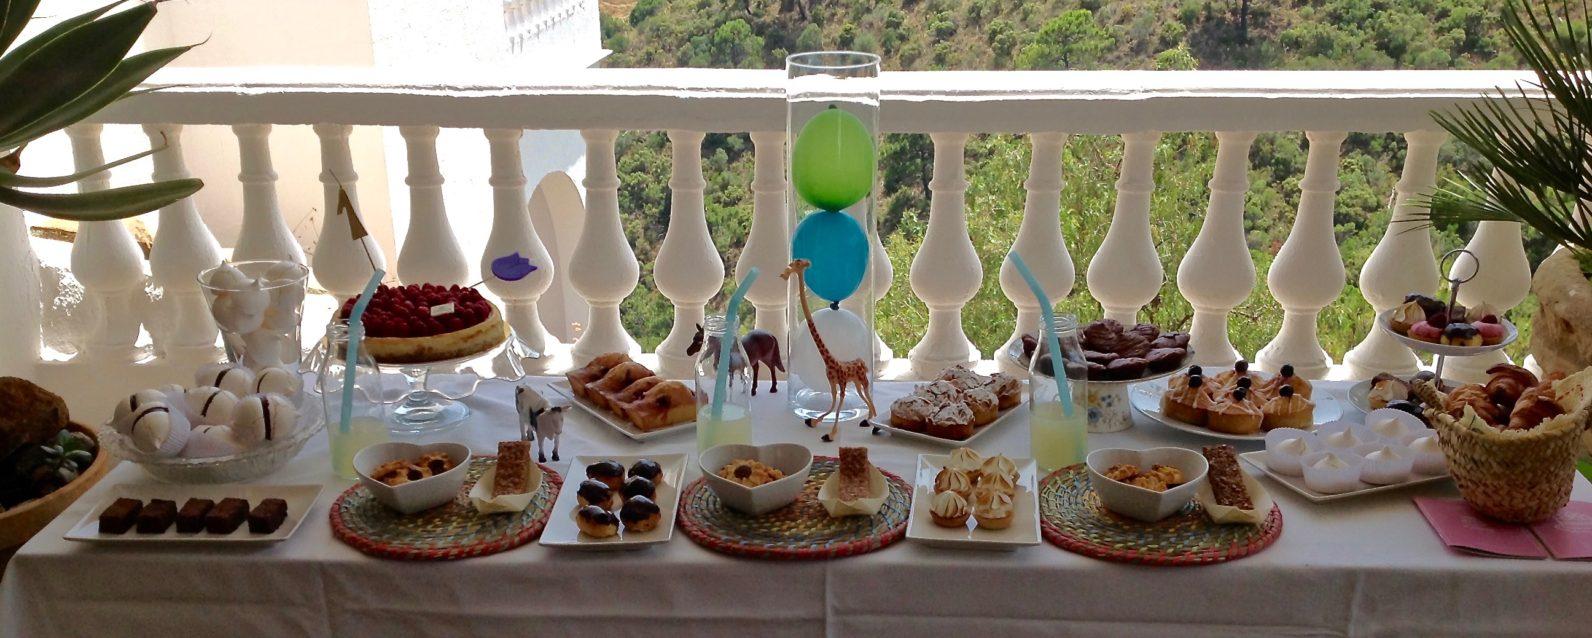 ¿Sabéis como pueden preparar vuestra mesa de cumpleaños?